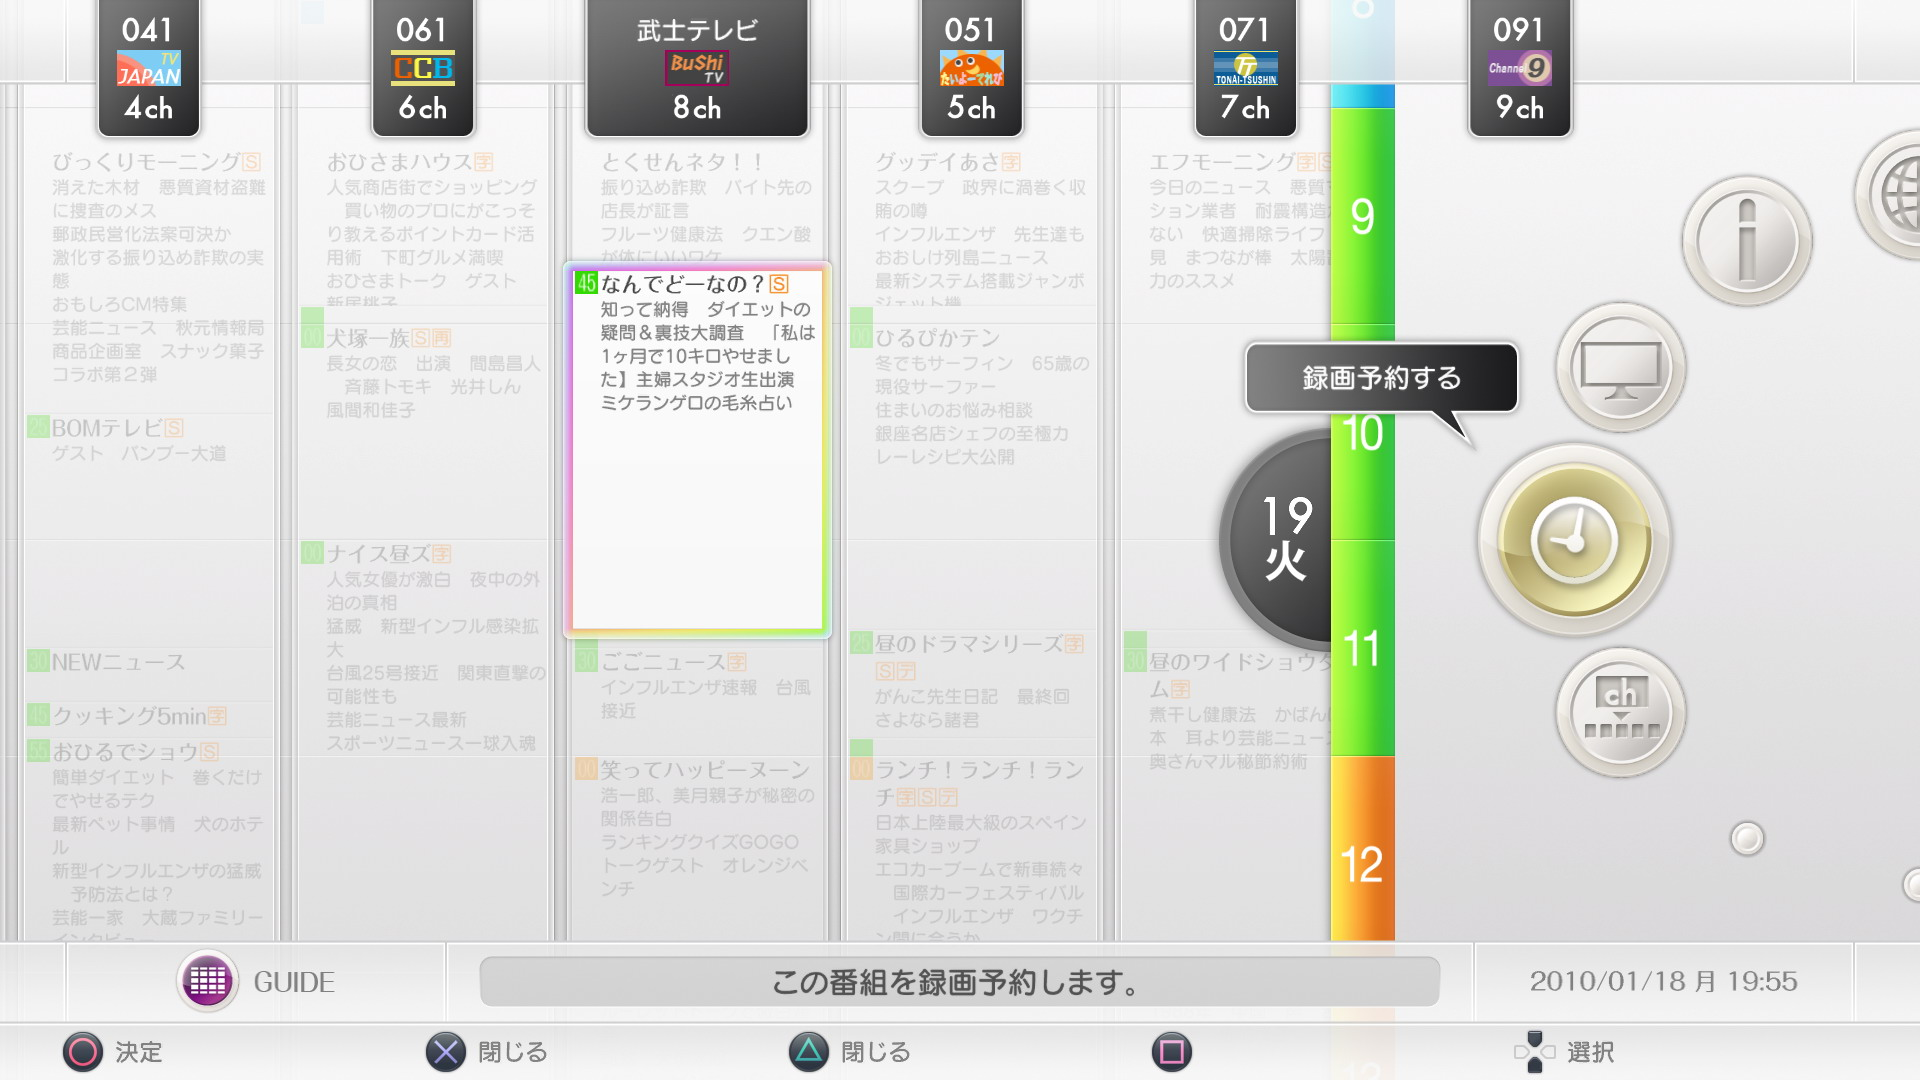 番組表から録画する場合のインターフェイス。右側にリングが現われ選択することで録画予約の設定を行なう